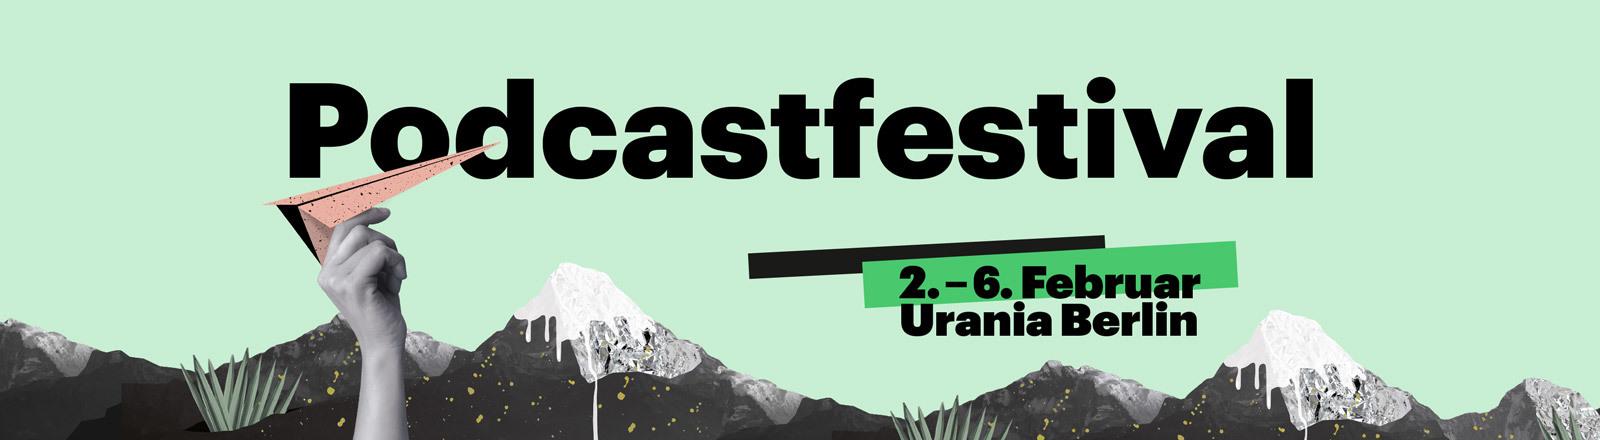 Werbegrafik für das Deutschlandfunk Nova Podcastfestival vom 2.-6.2.2020 in der Urania, Berlin.